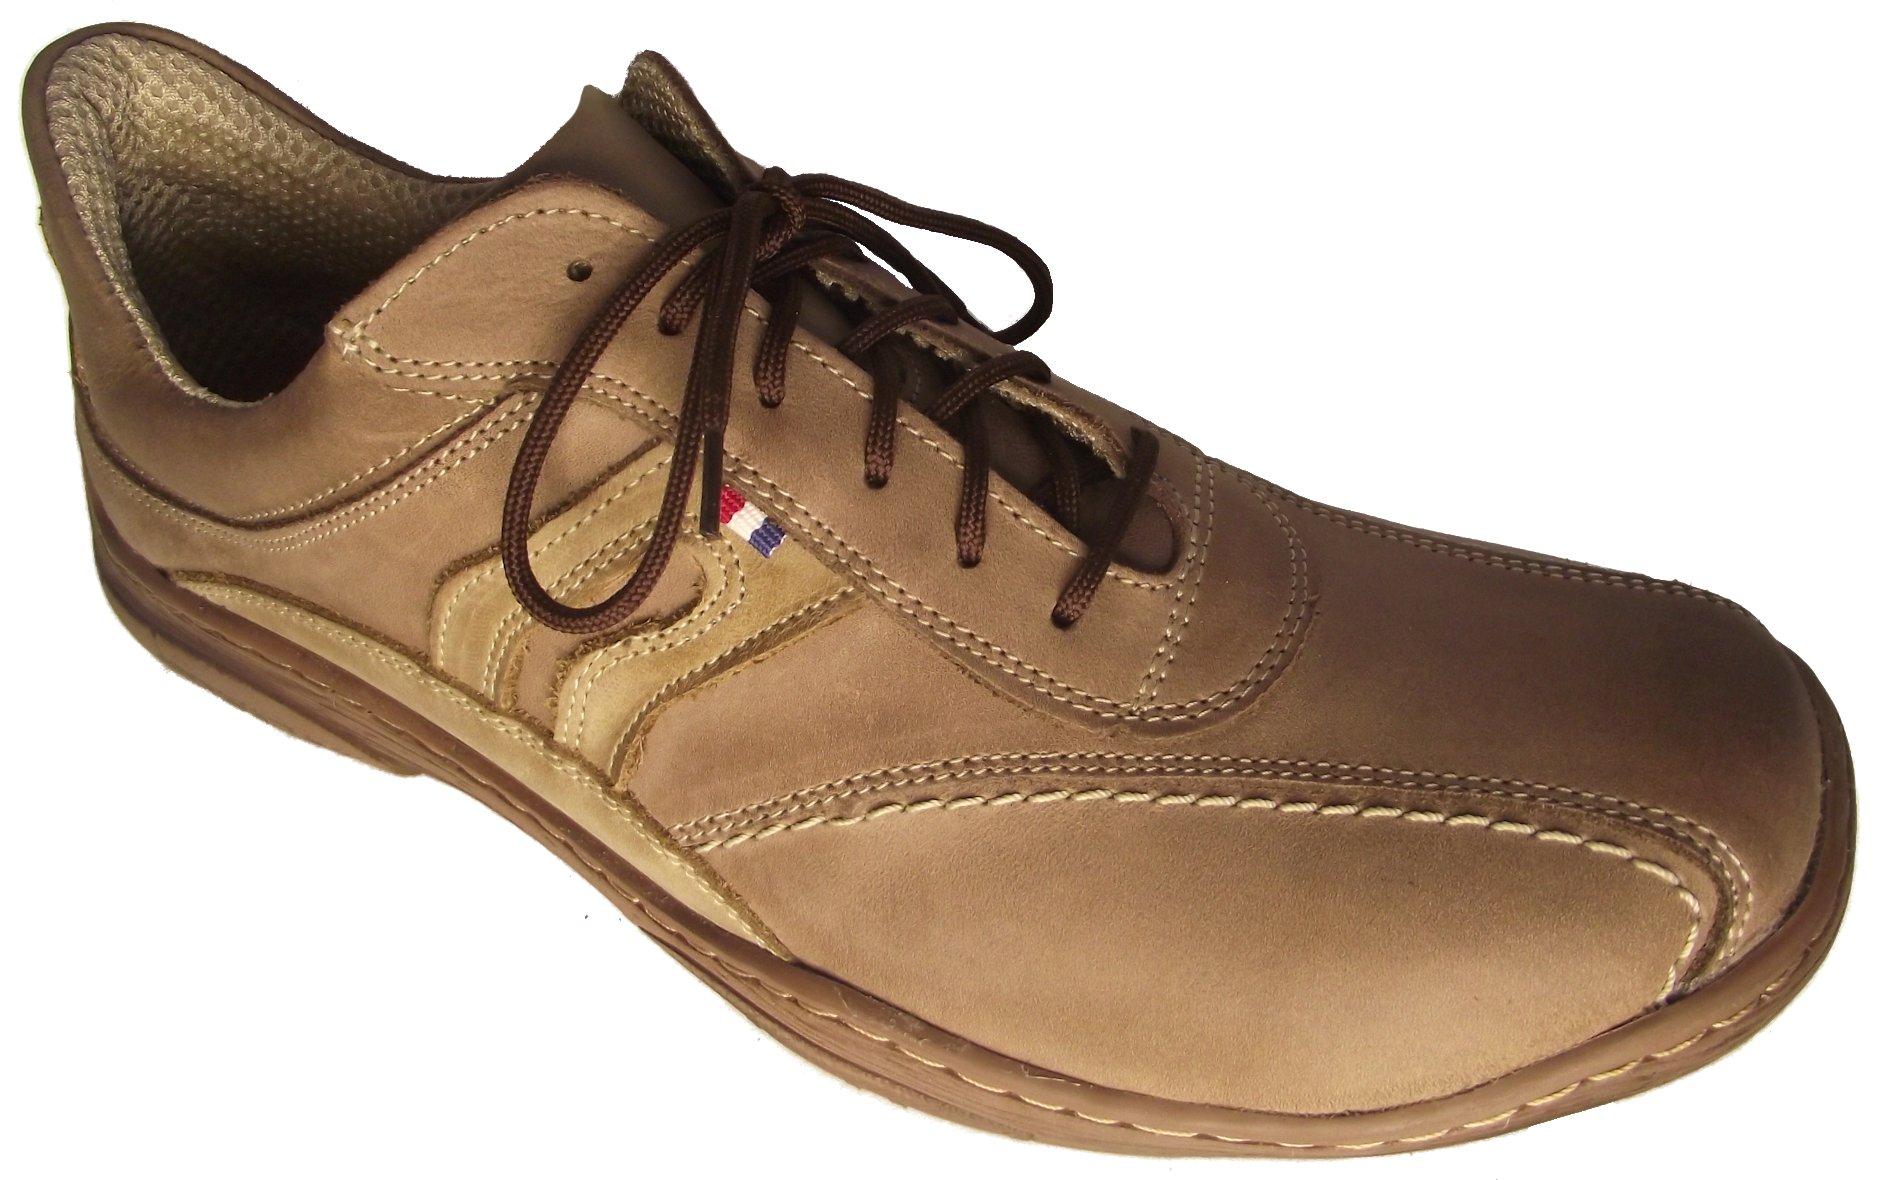 Pánská vycházková obuv NES 4013 Velikost: 41 (EU)